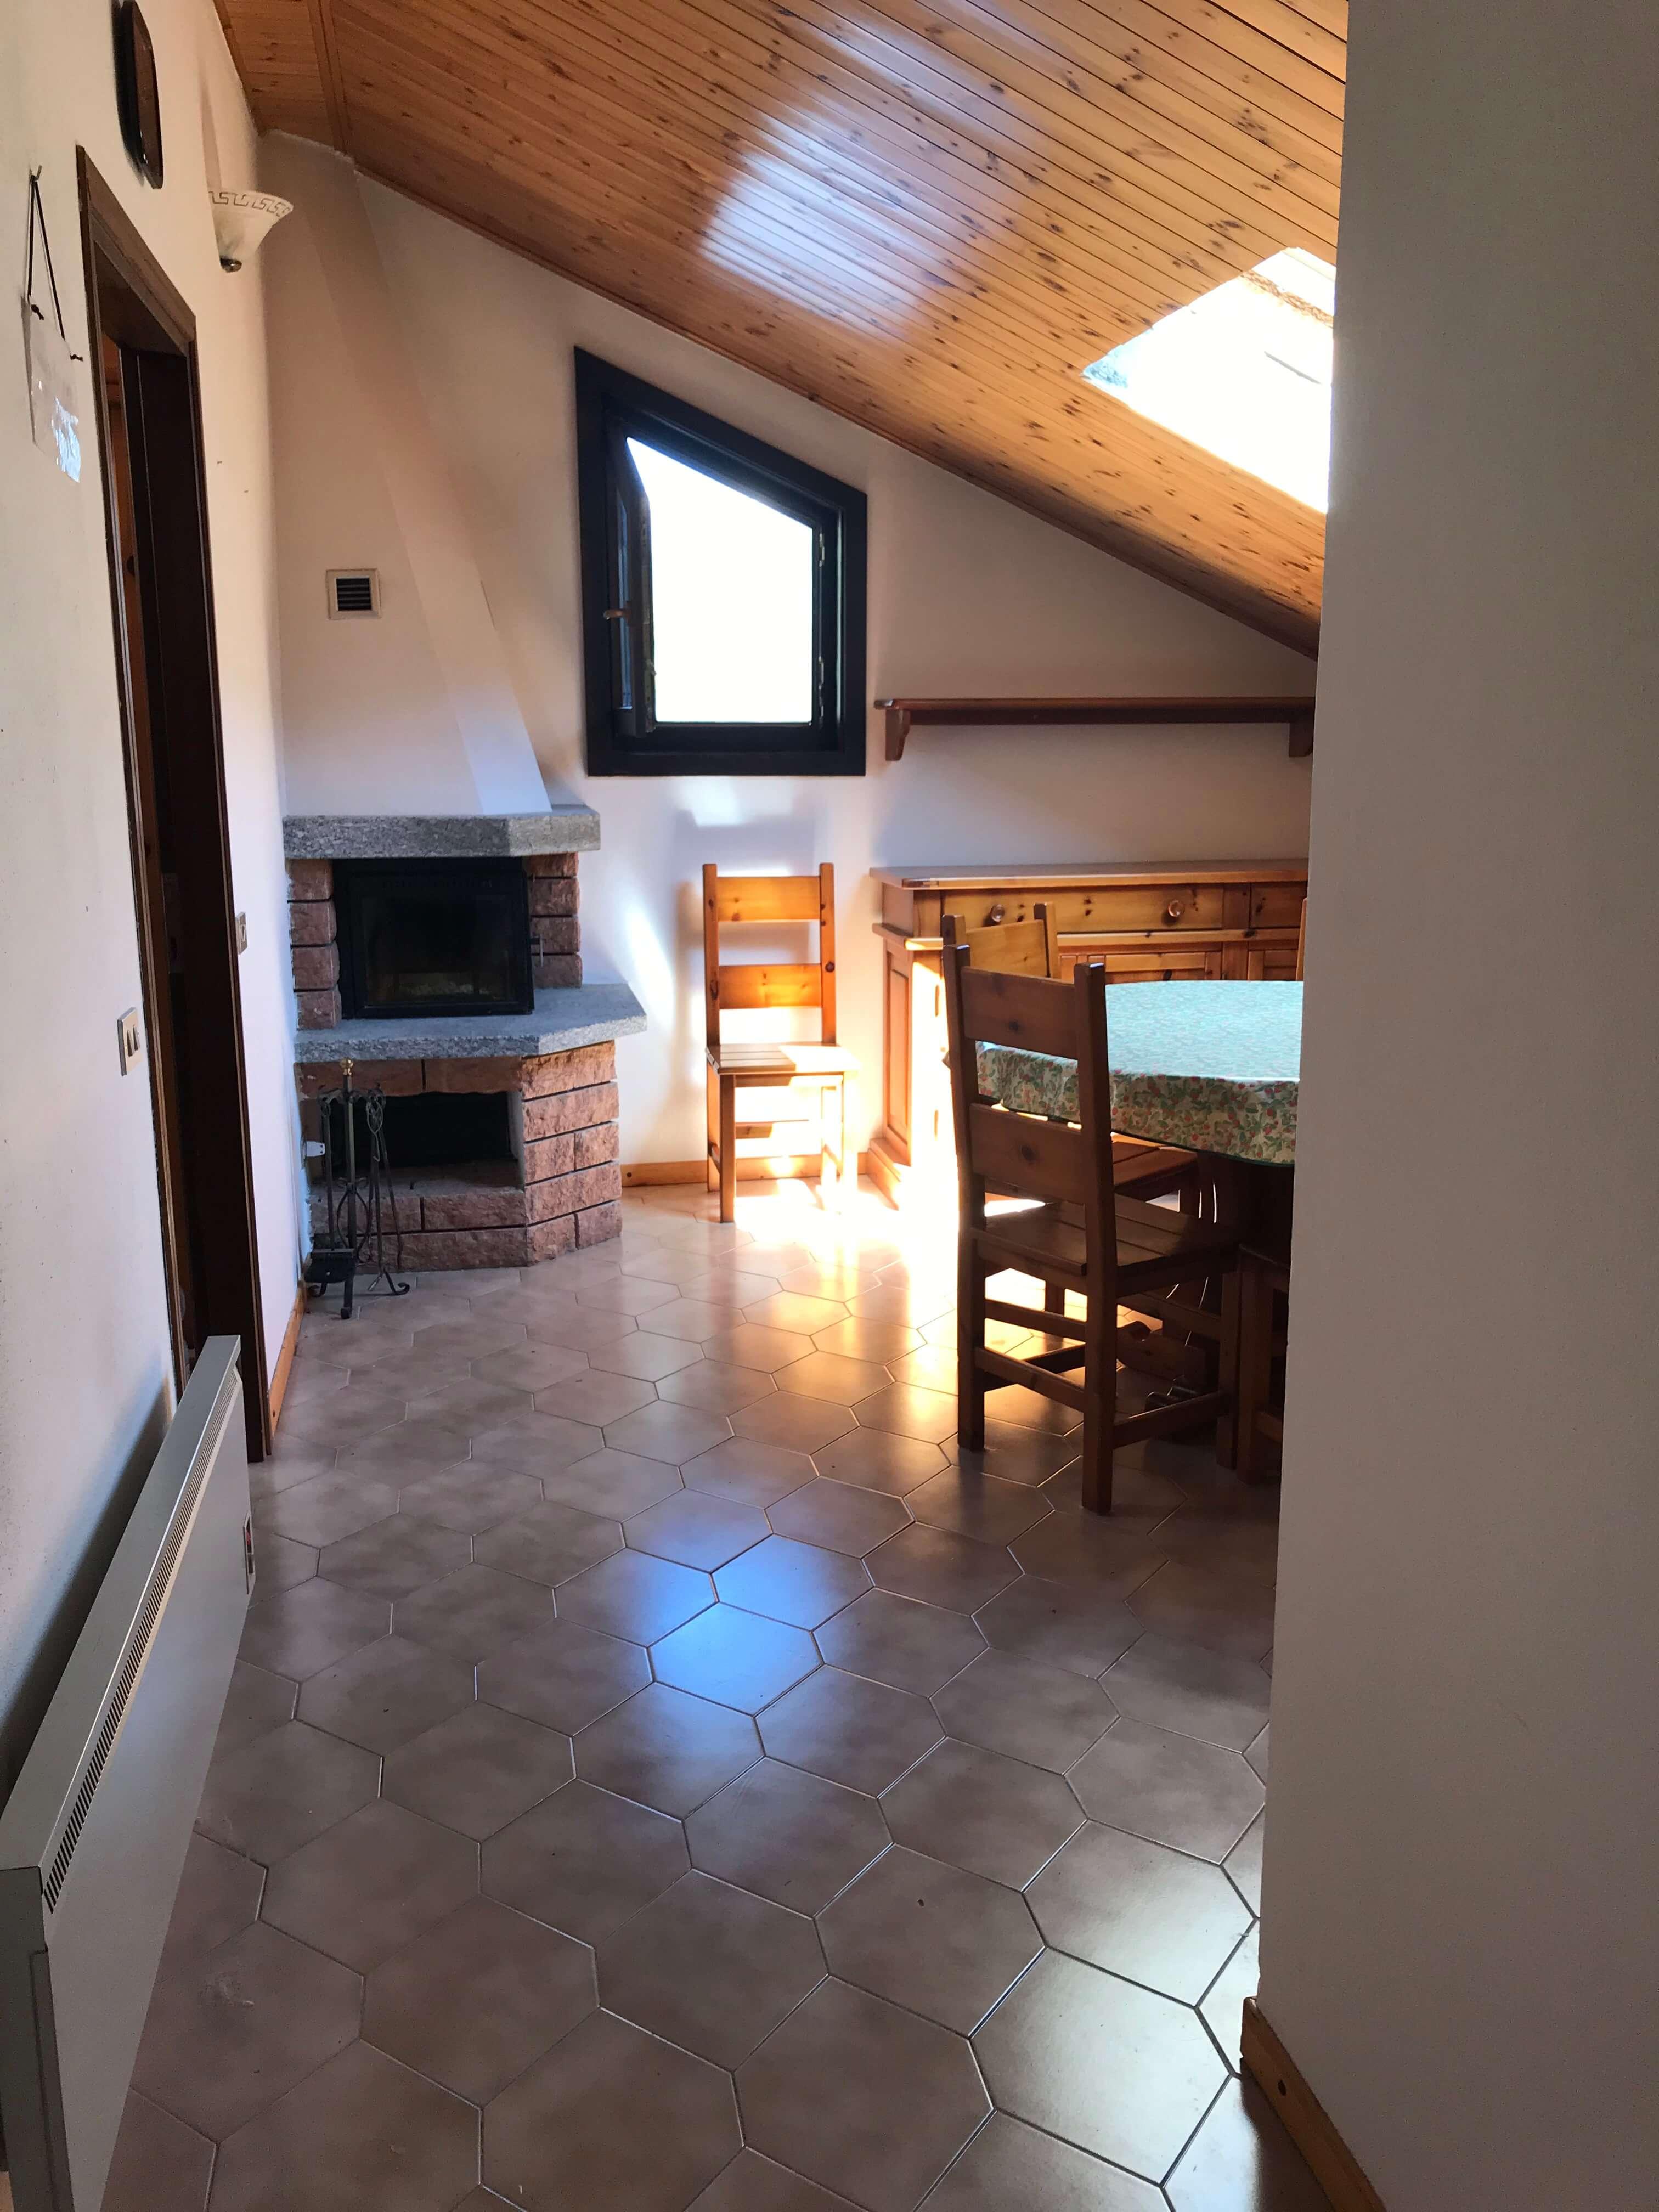 Immobiliare Abita bilocale mansardato in vendita con camino